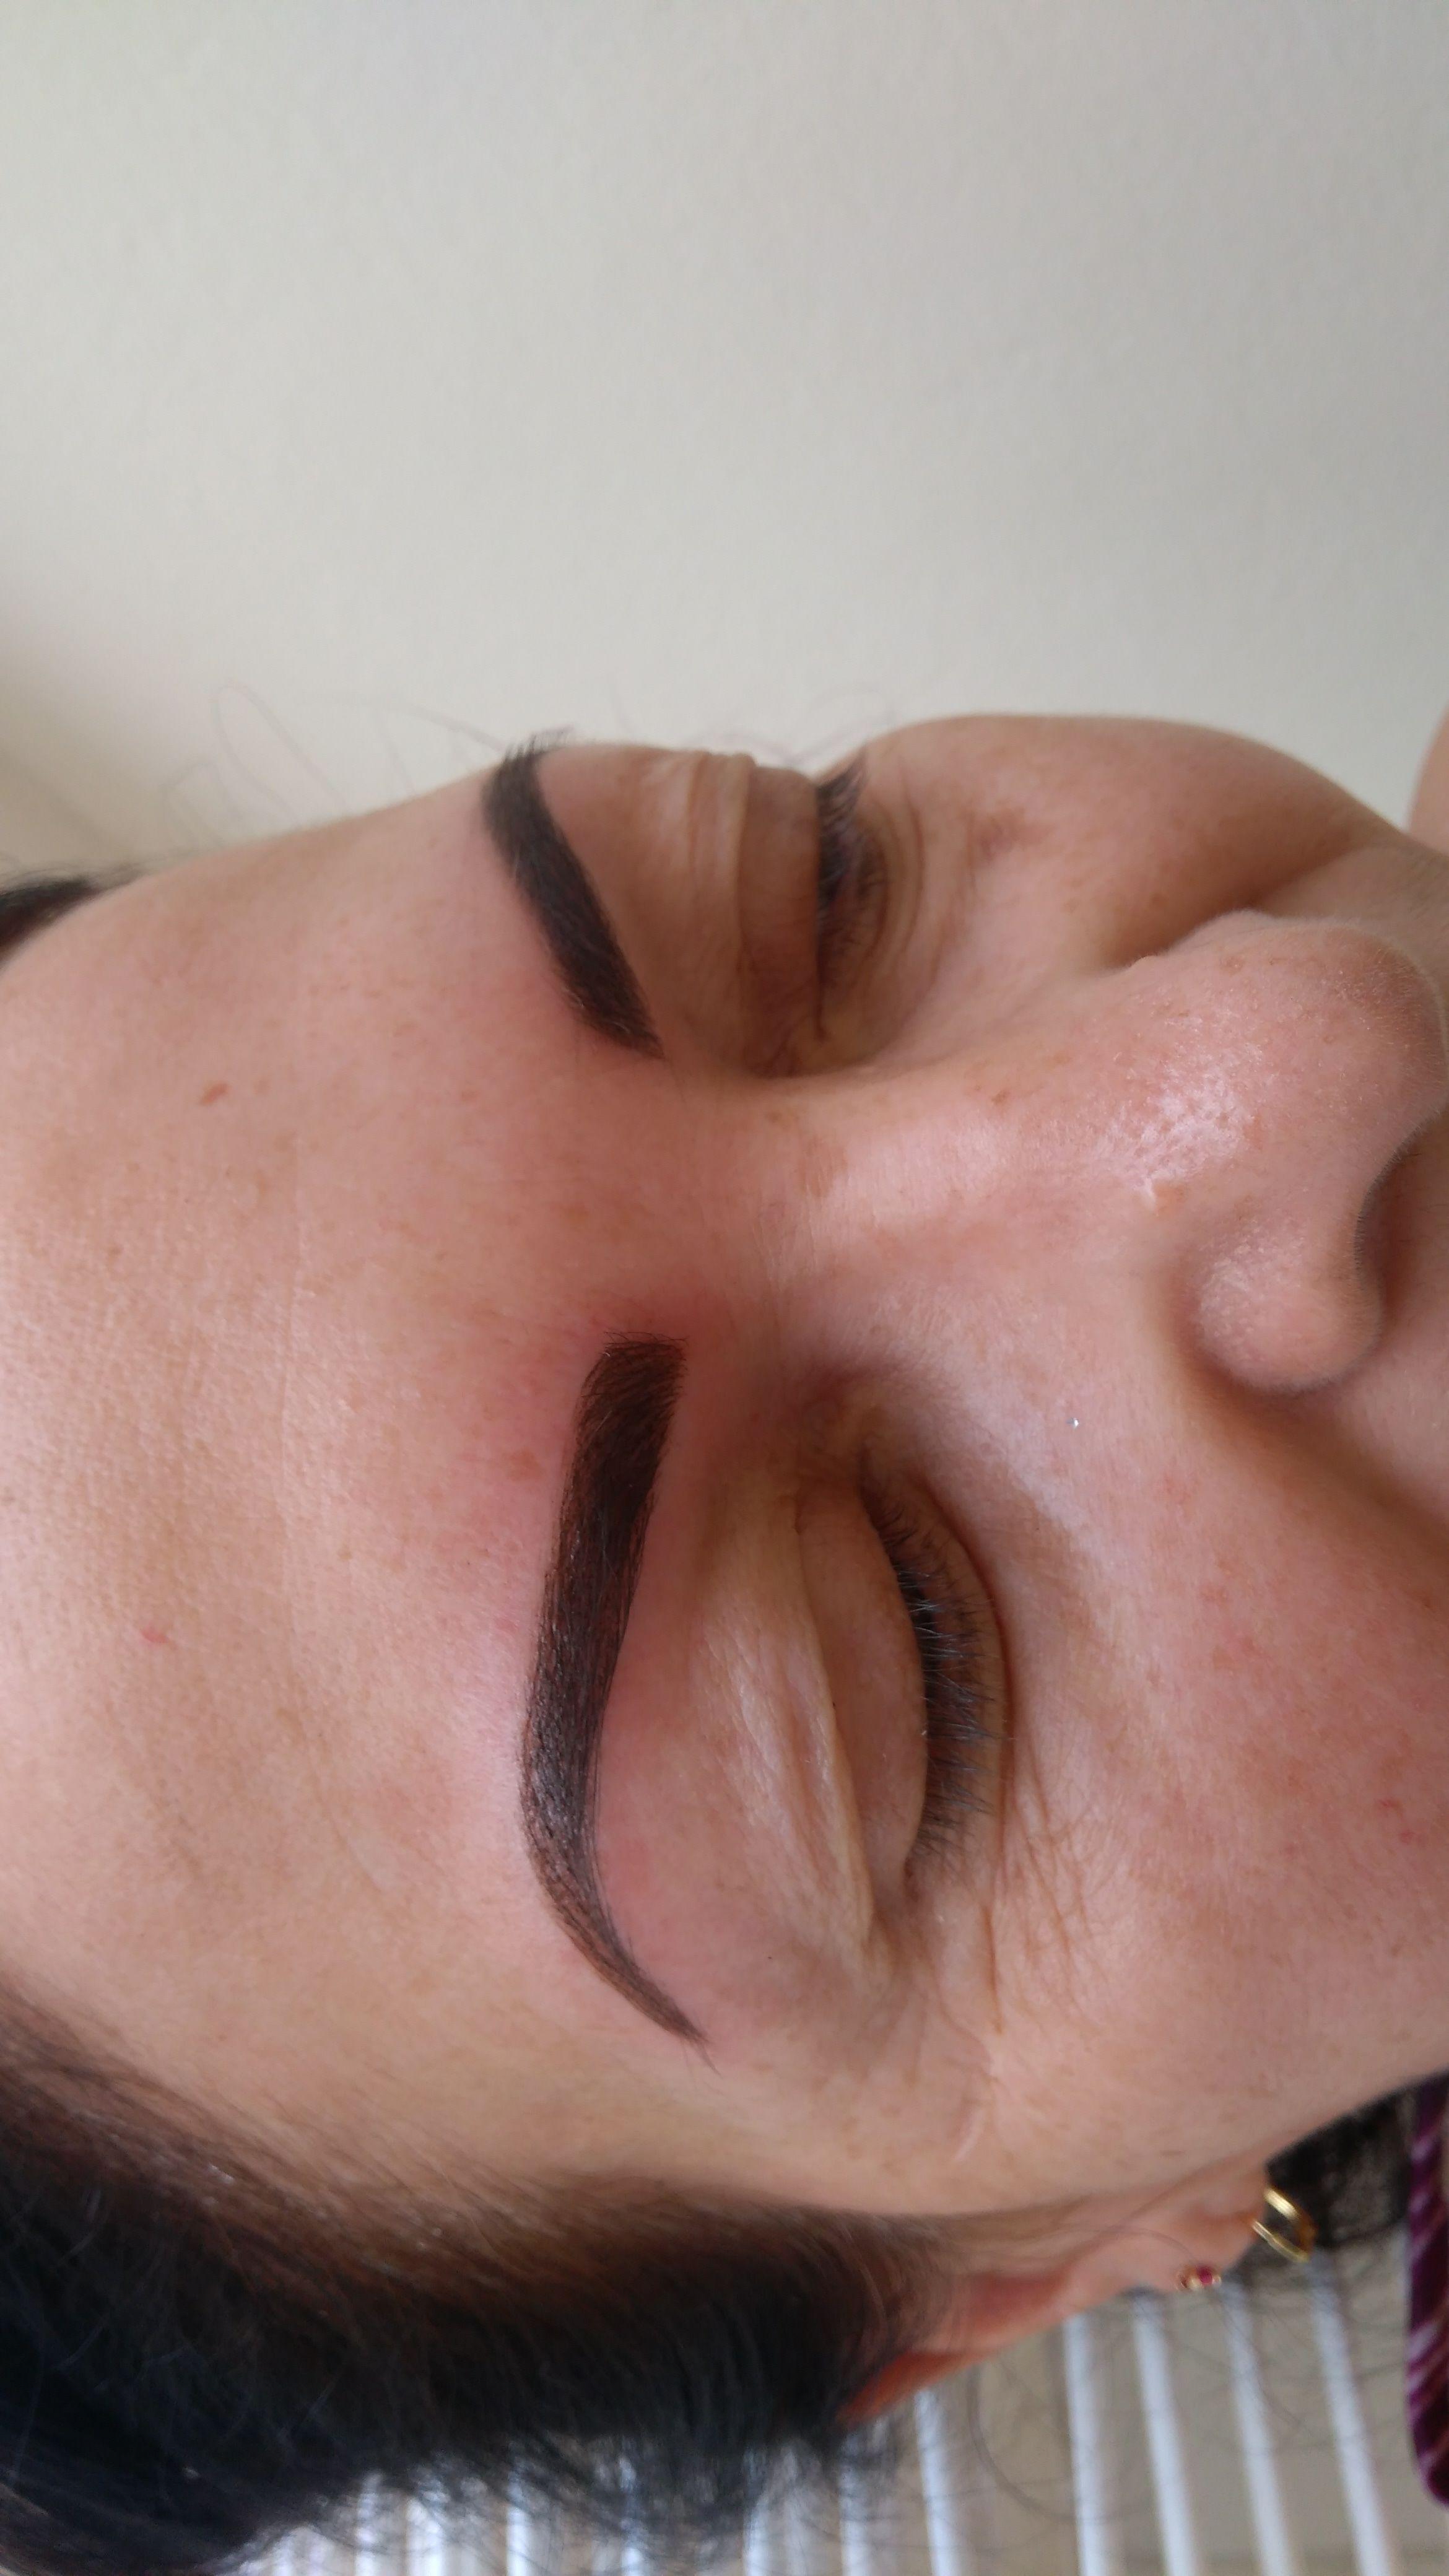 maquiagem dermopigmentador(a) designer de sobrancelhas esteticista dermopigmentador(a)